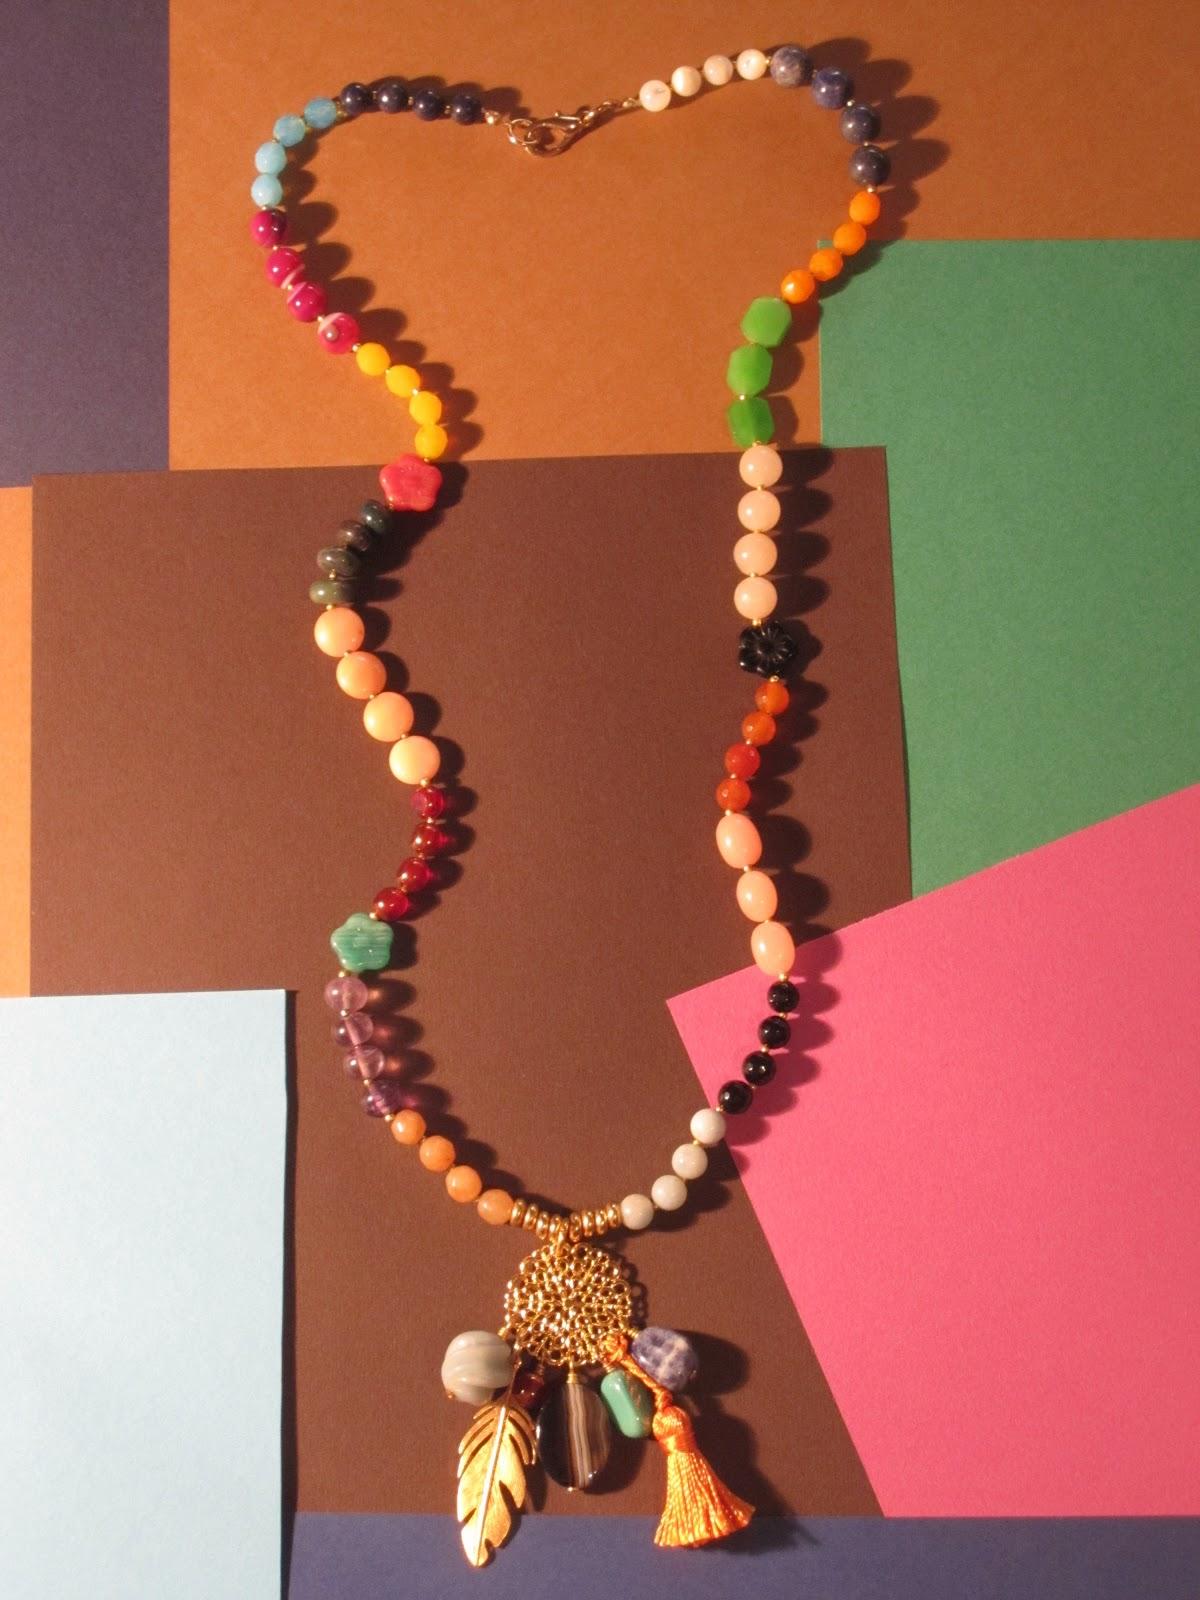 BORLA NARANJA Collar largo en dorado con cerca de 80 piedras semipreciosas ágatas, cuarzos, sodalitas, jades, amazonitas, ónix, coral, cristal de bohemia,